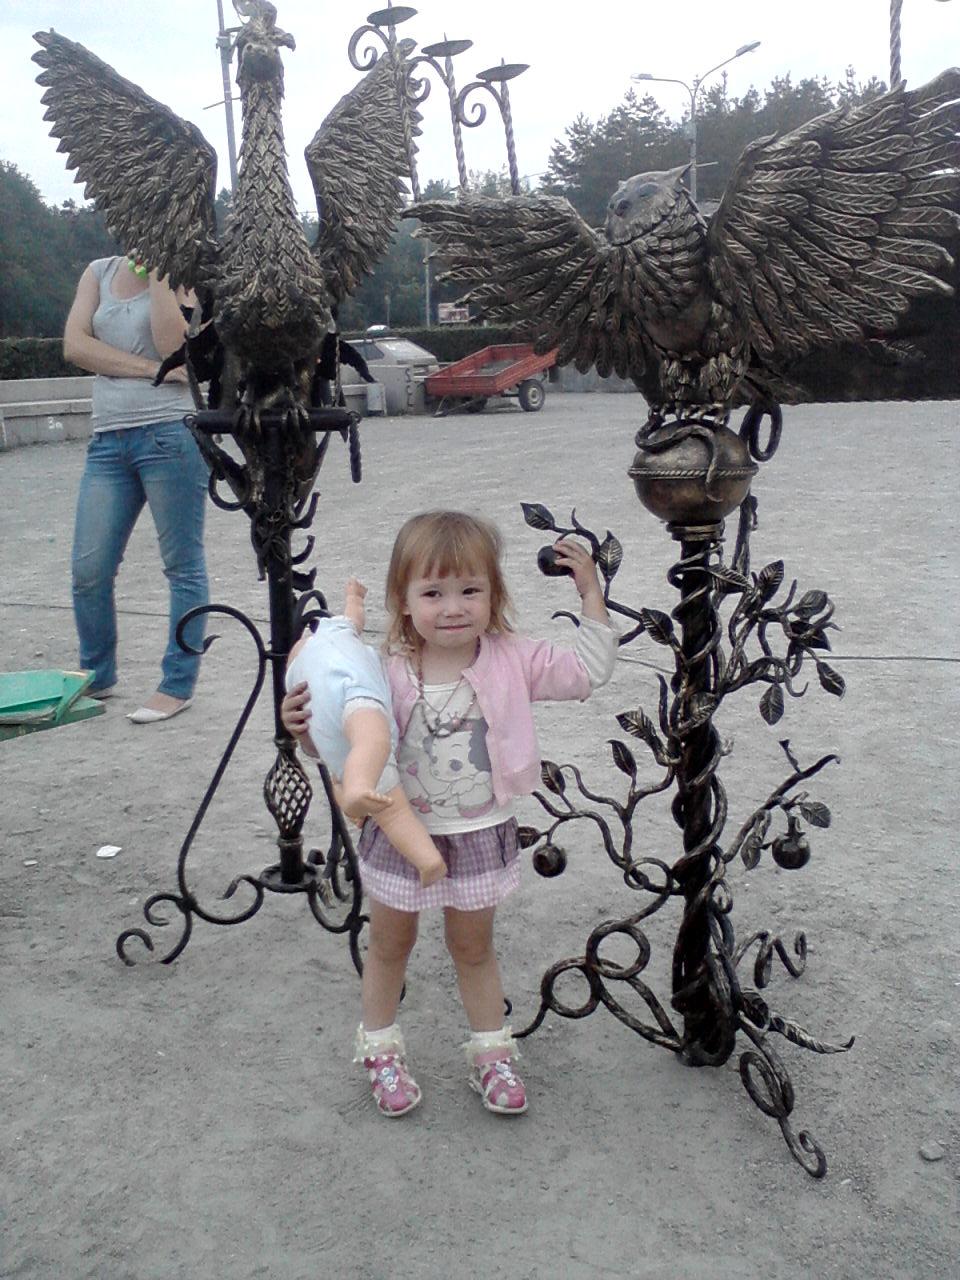 птички из металла. Крылатые друзья